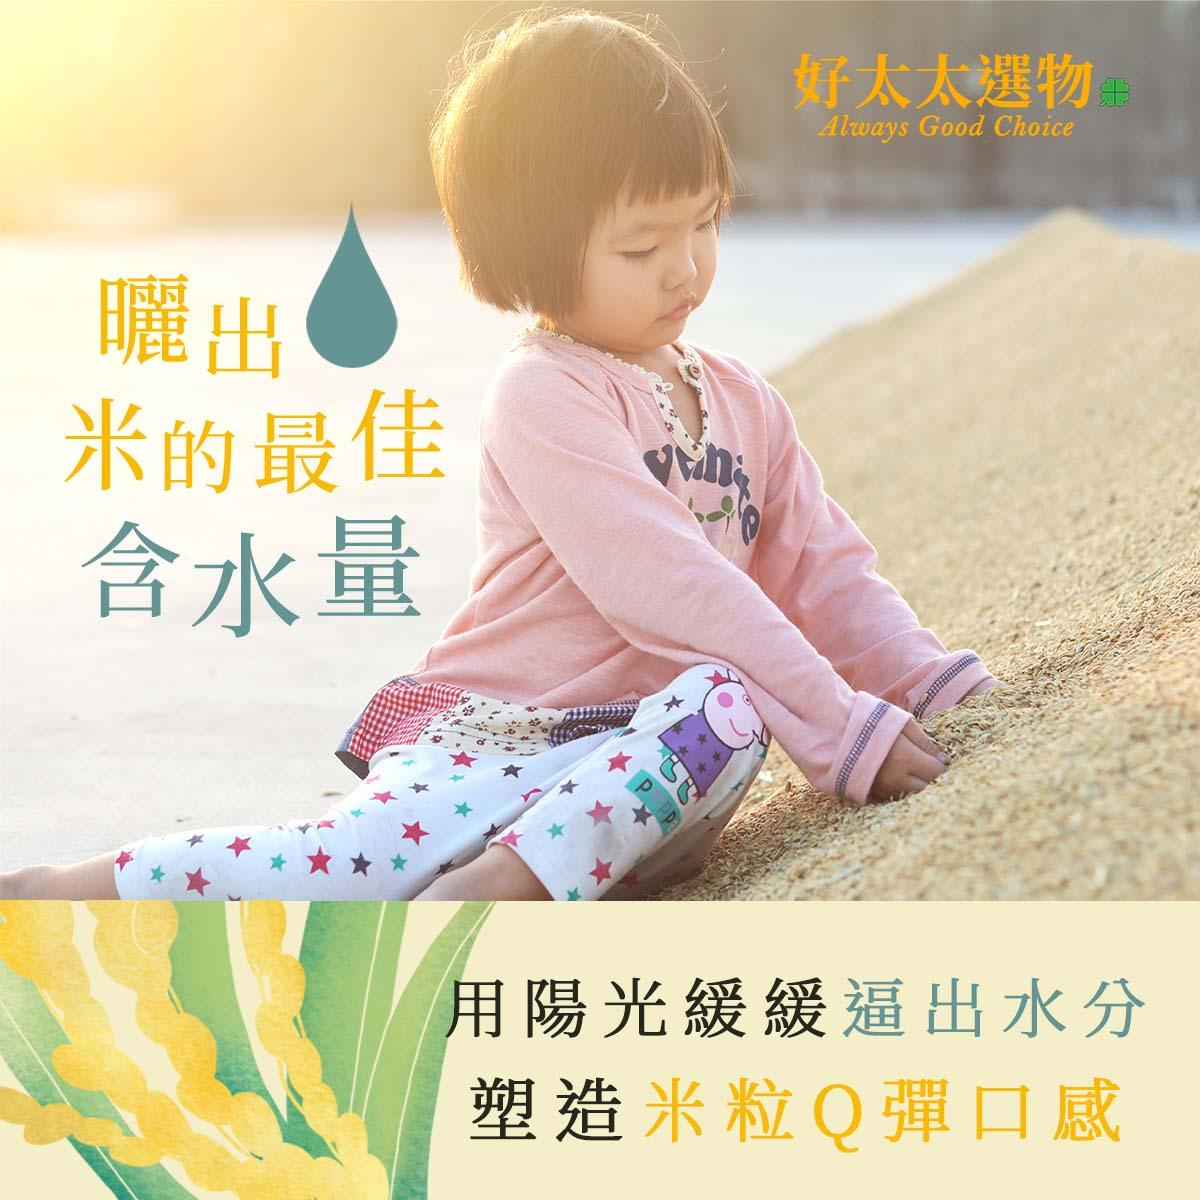 太陽是萬物之父,好吃的東西都是日曬的,日曬麵、日曬蒜頭……,當然米也不例外,逼出多餘的水份,注入熟悉的太陽味。